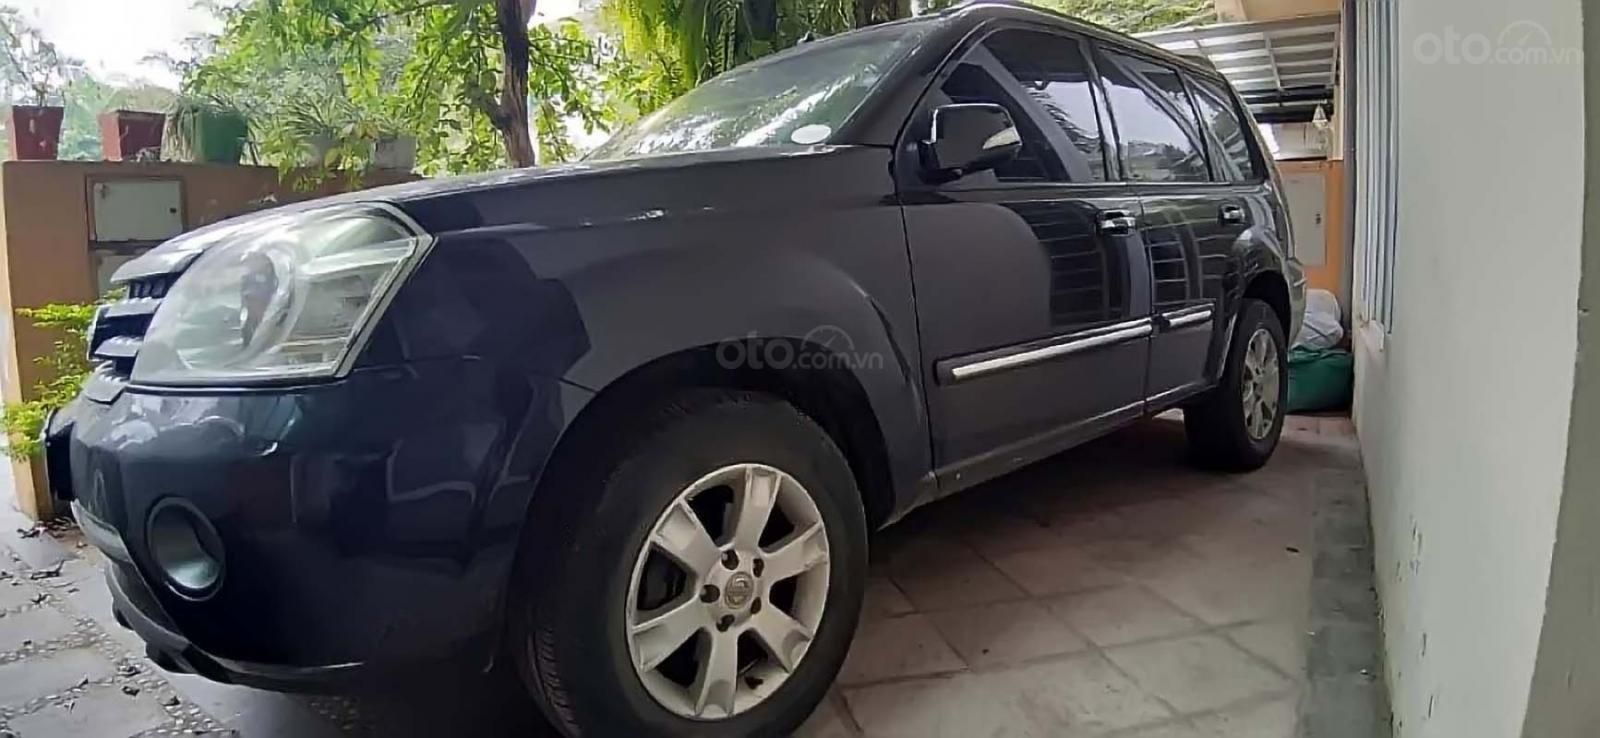 Bán Nissan X trail đời 2009, màu đen, xe nhập, giá tốt (2)